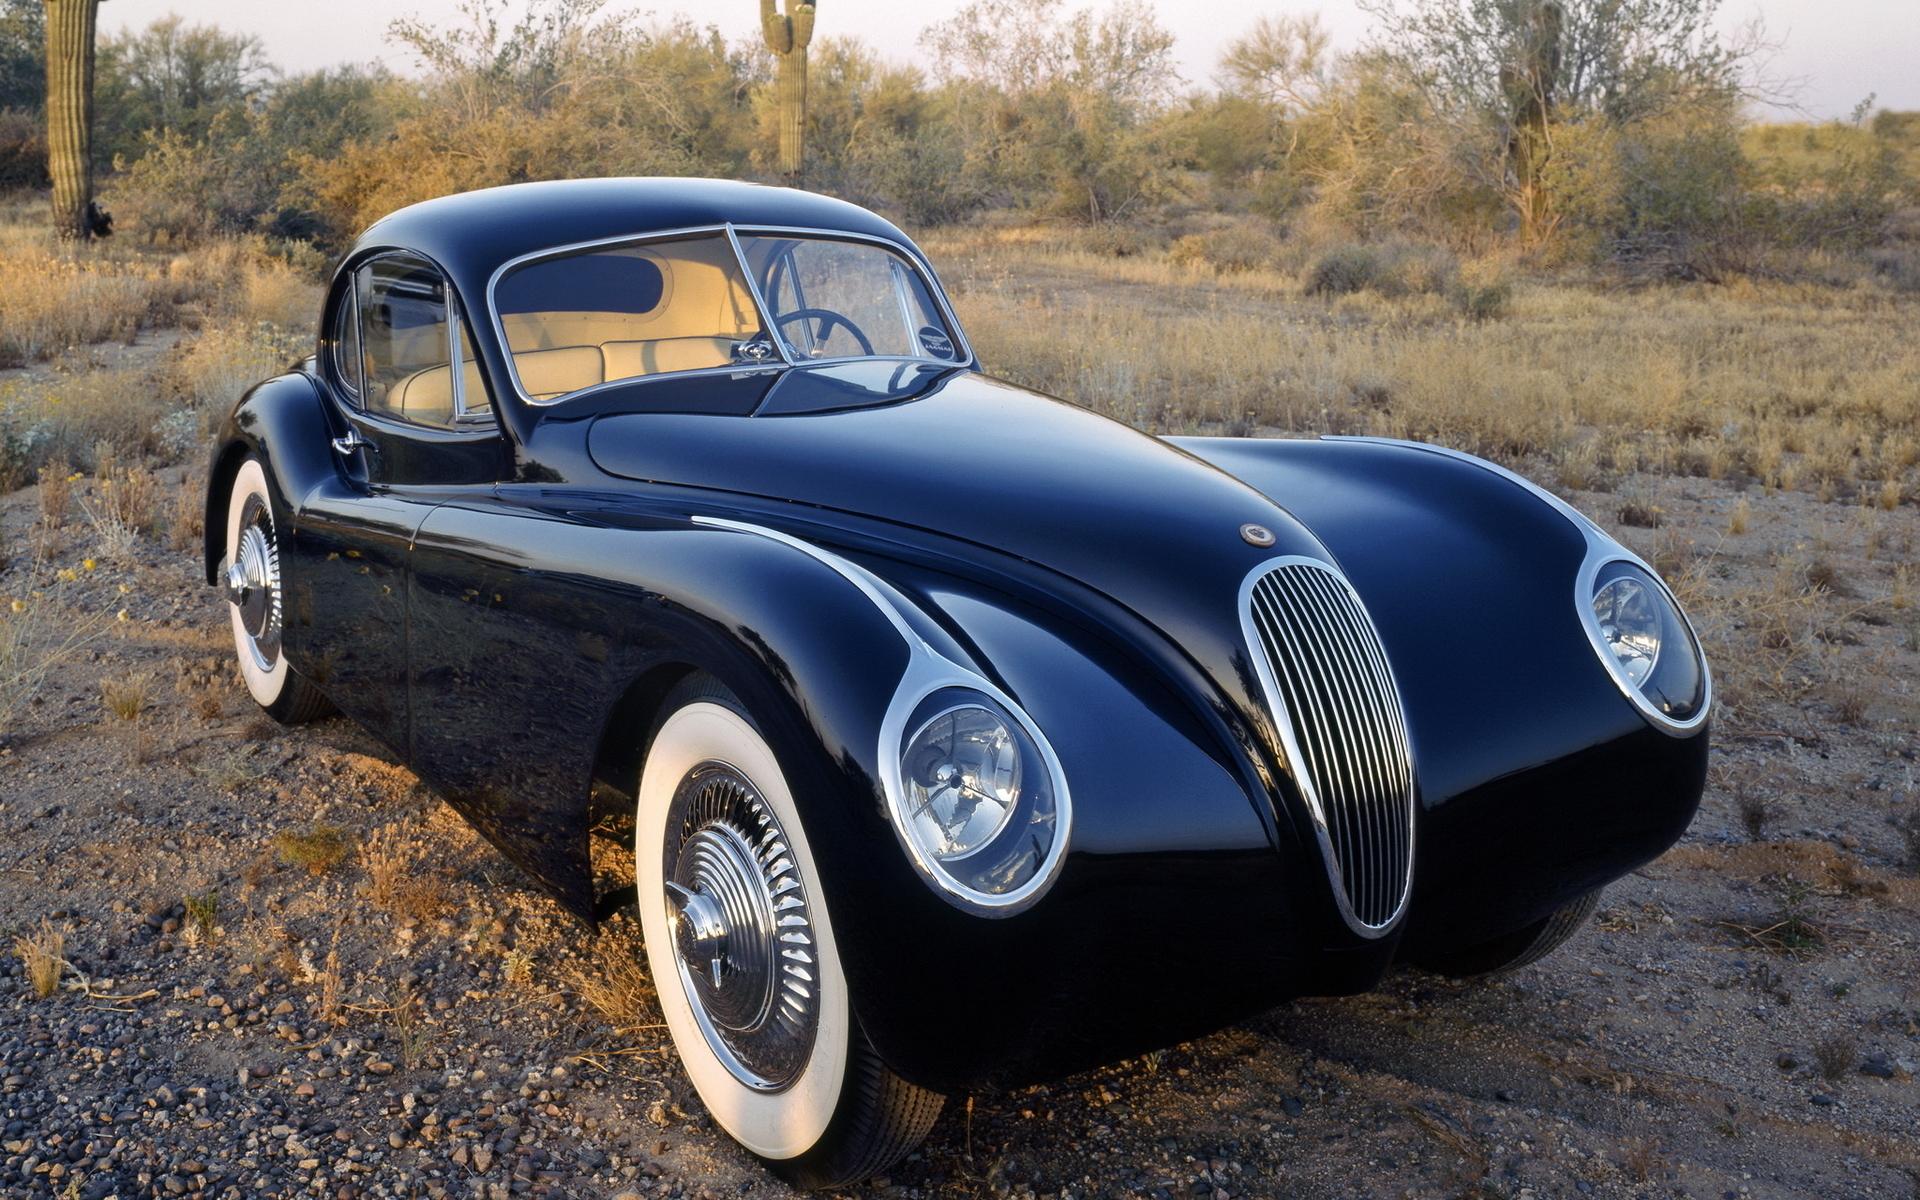 Jaguar 1953 Retro Classic Cars Wallpaper | 1920x1200 | 32032 | WallpaperUP